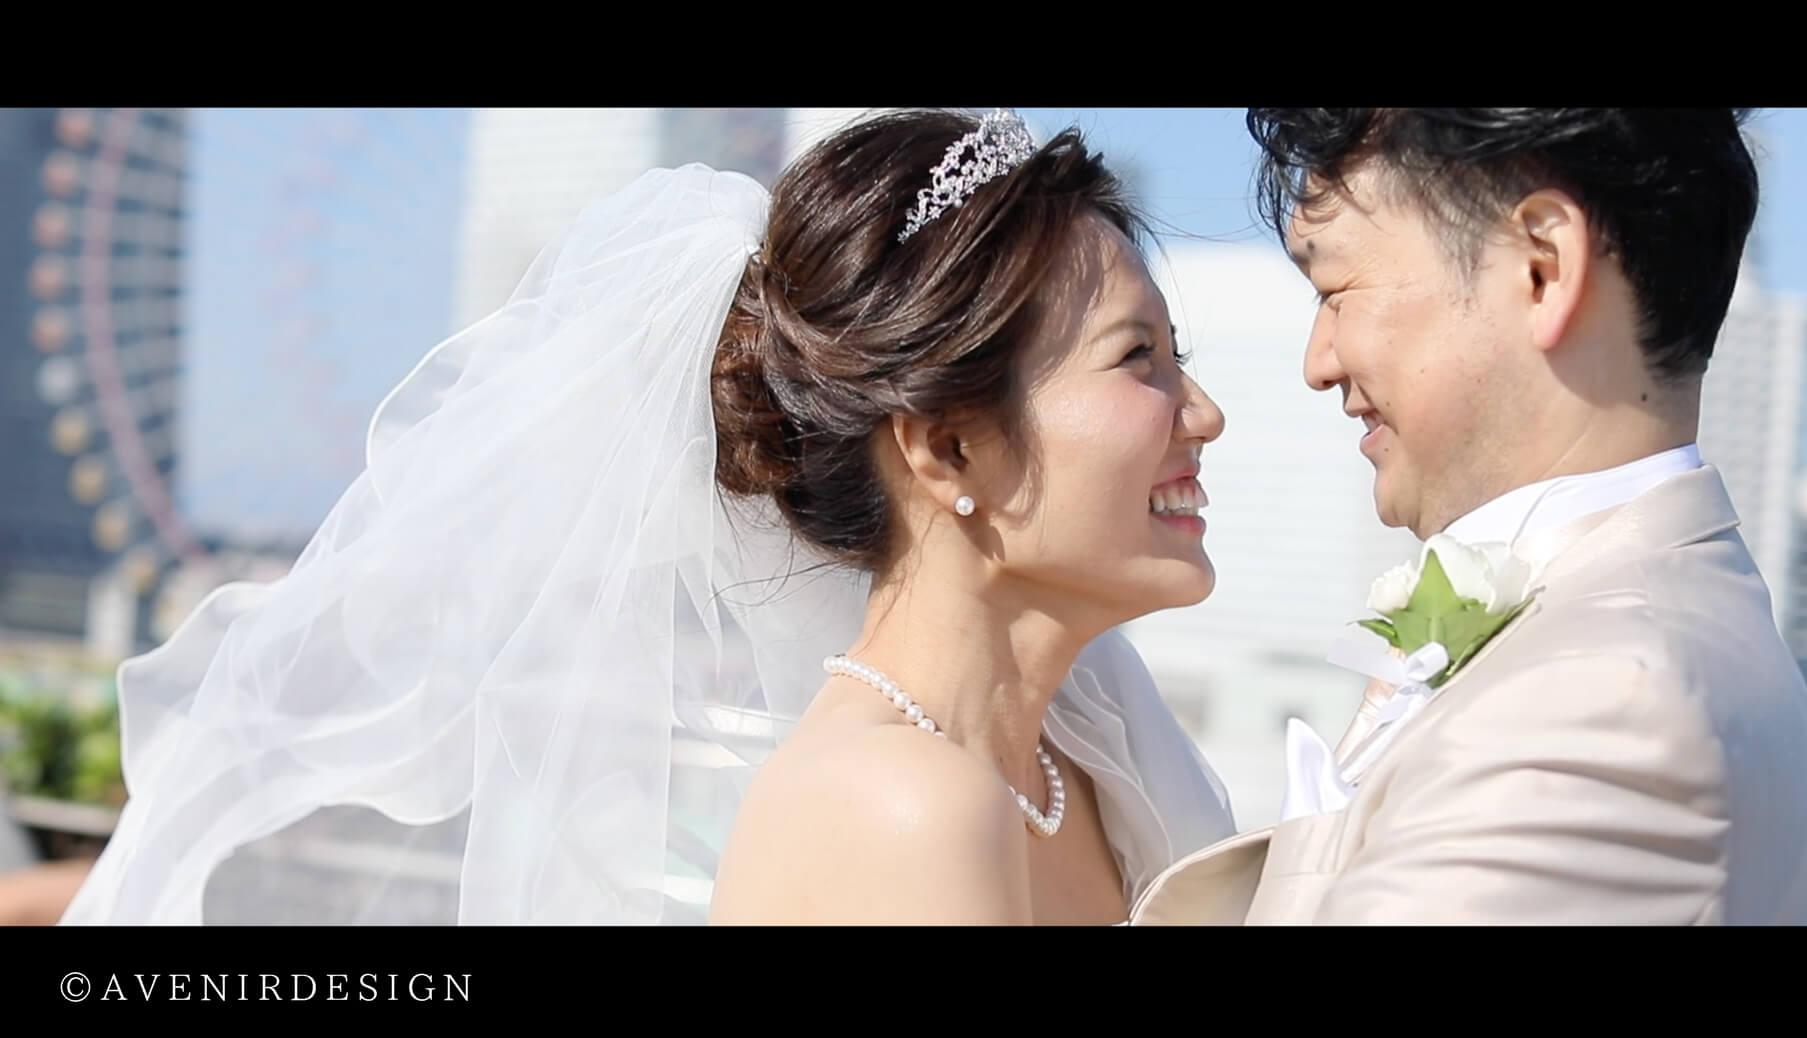 結婚式の最新シネマムービーと従来のビデオ撮影の違いって知ってますか?